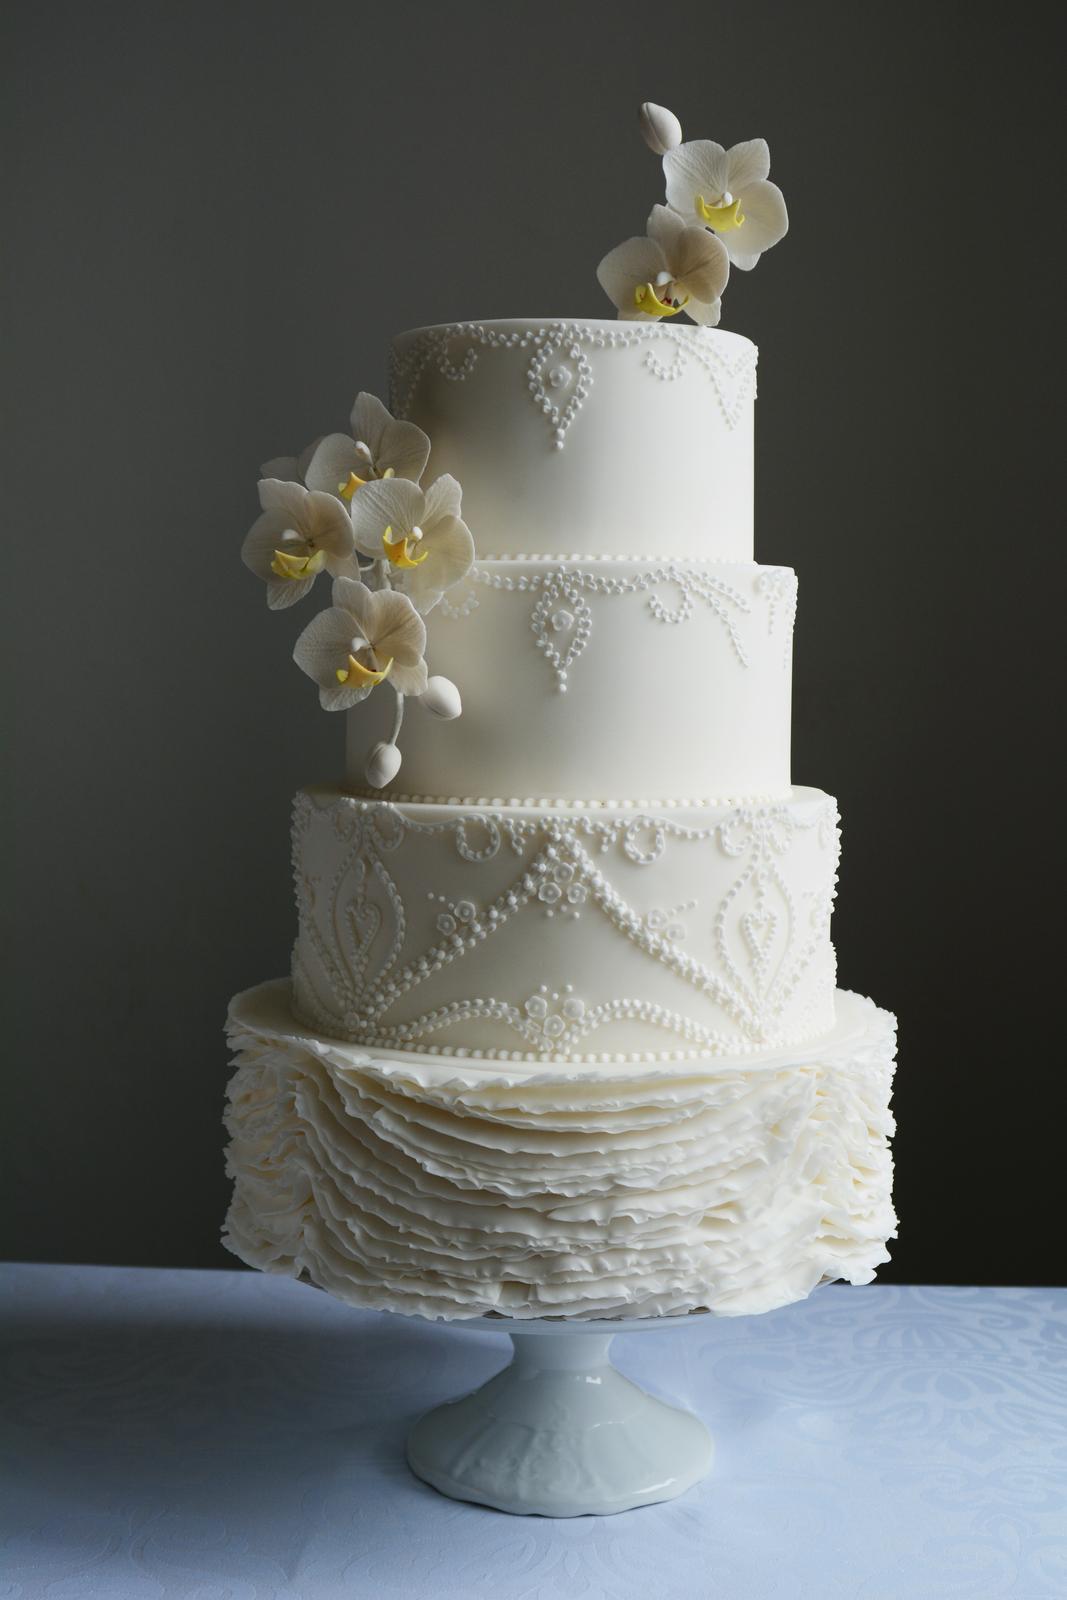 Nové dorty - Obrázok č. 1